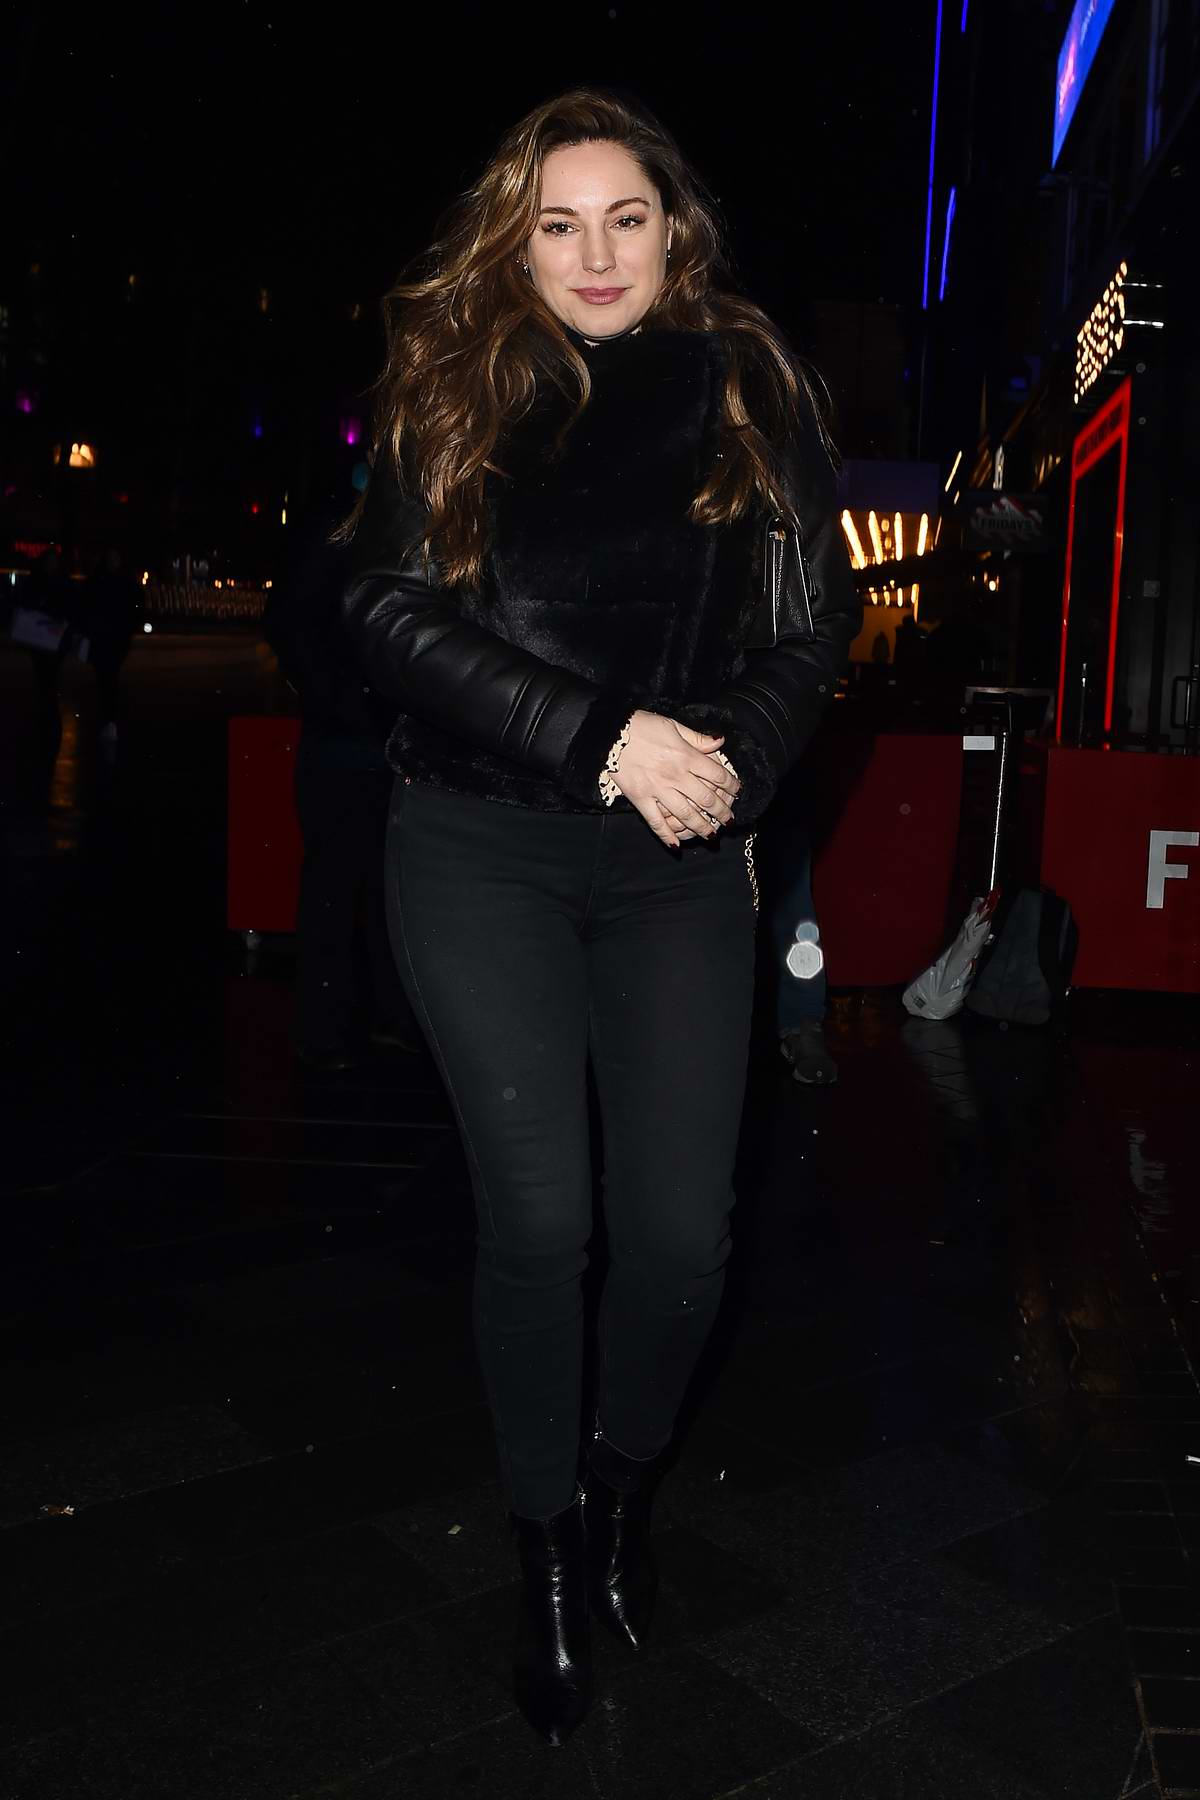 Kelly Brook rocks all black as she leaves Global Radio studios in London, UK